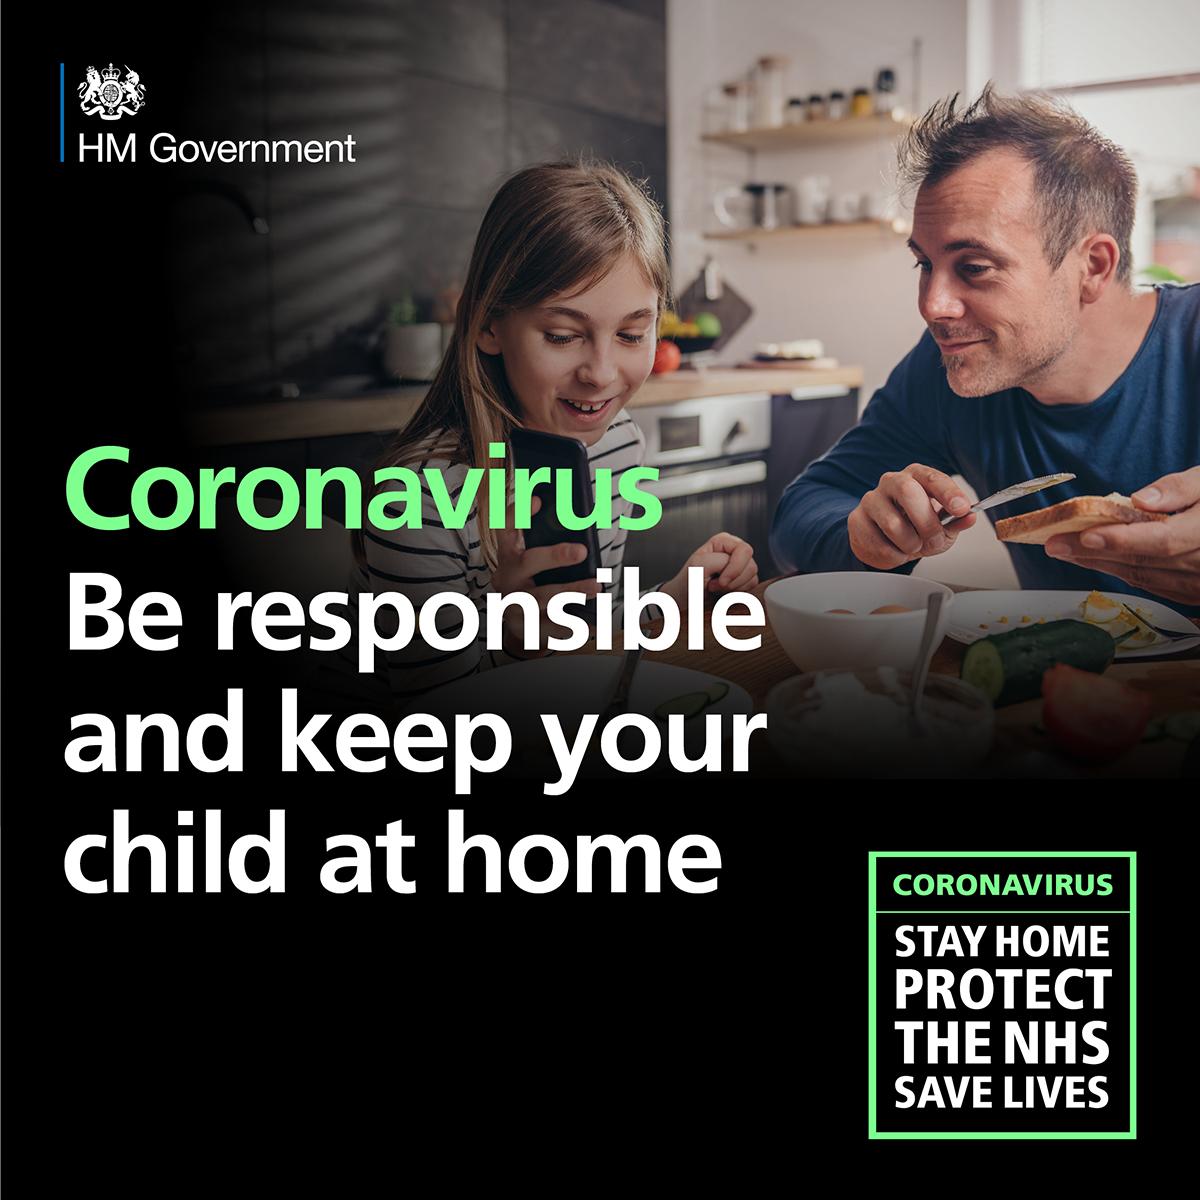 Coronavirus - Stay at home